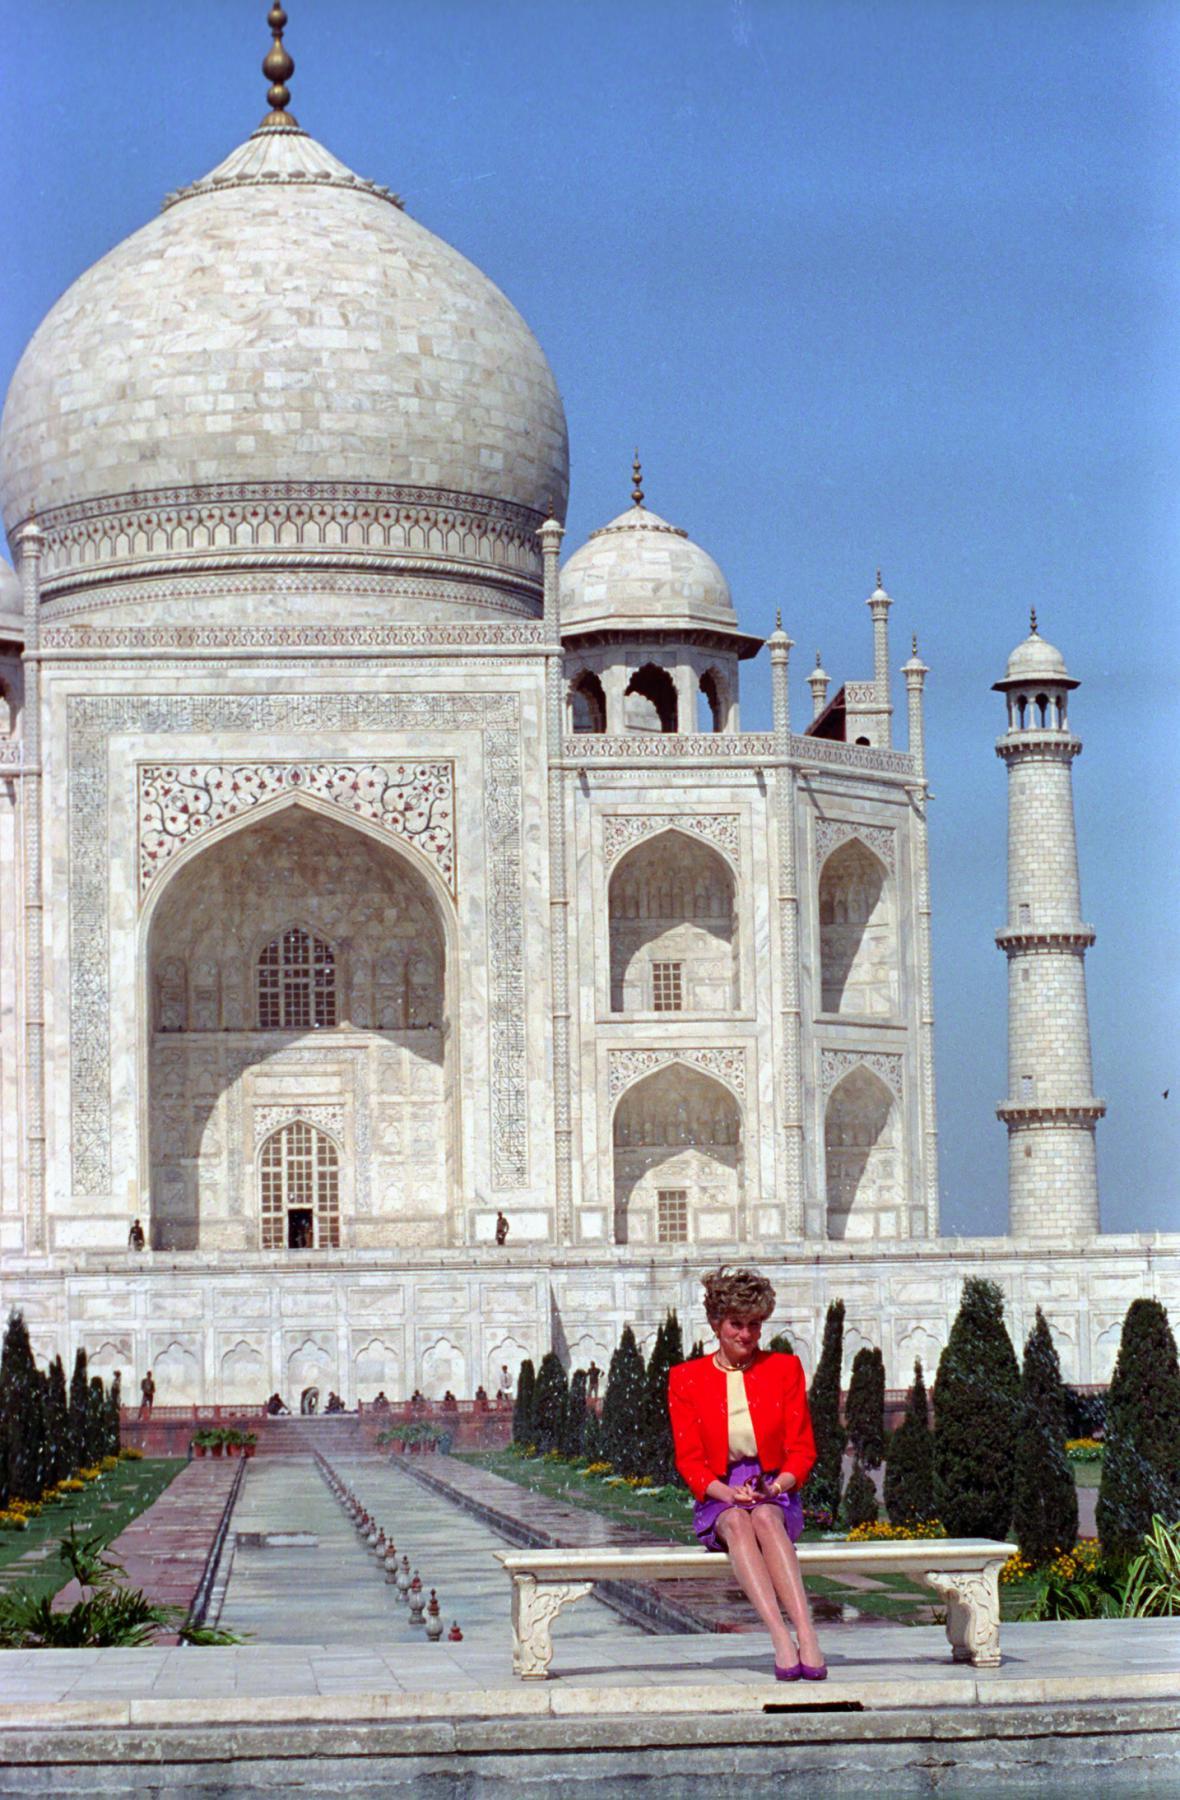 Pózování před památníkem lásky. Diana se během návštěvy Indie v roce 1992 nechala vyfotit před Tádž Mahalem sama